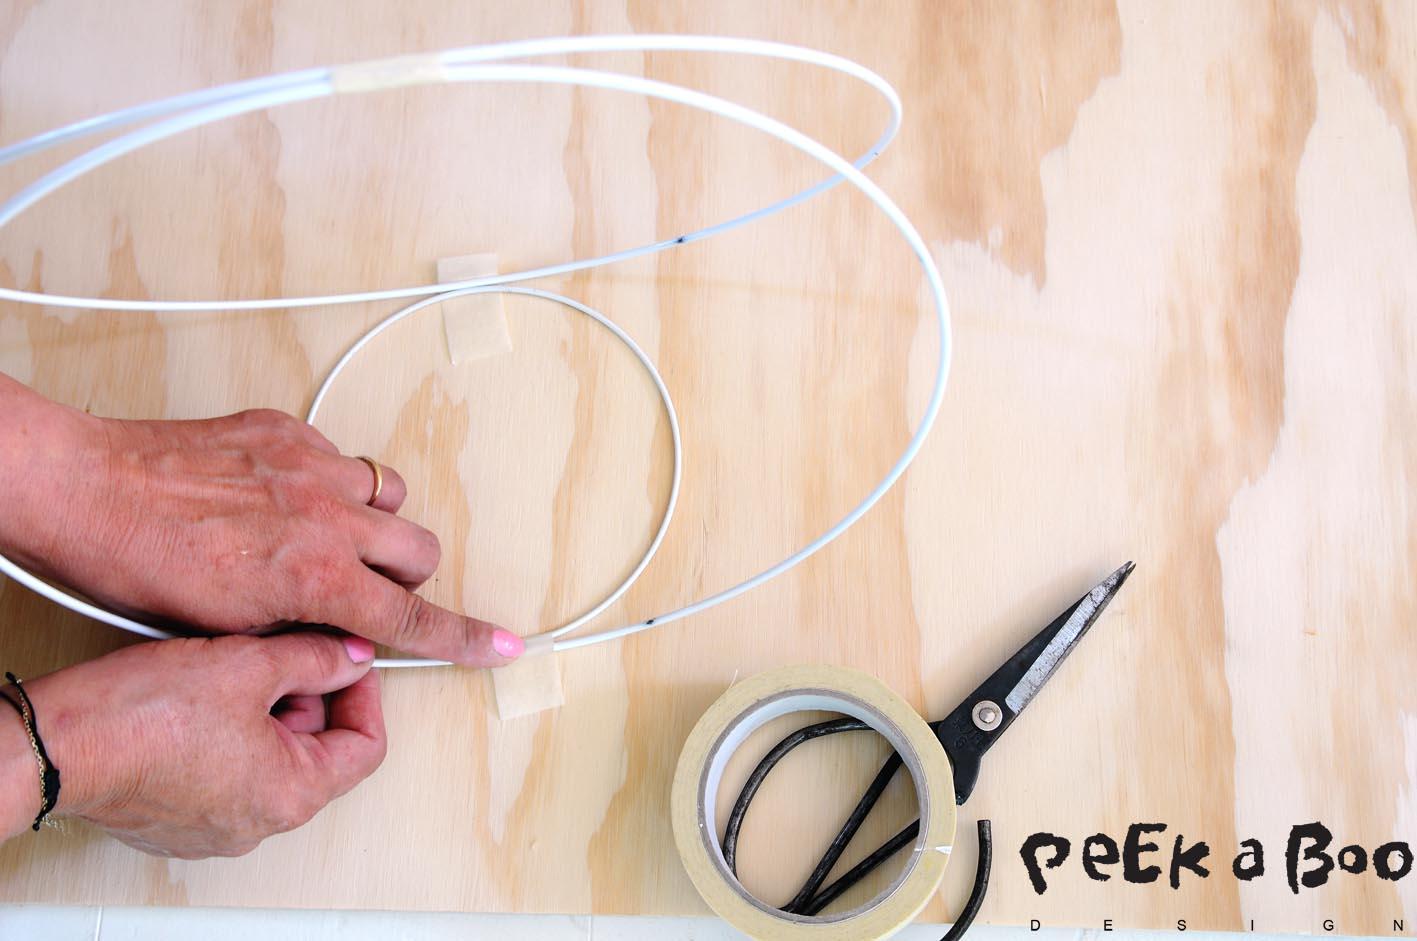 Add the tape where the rings should be assembled. Sæt tape på hvor ringene skal samles.